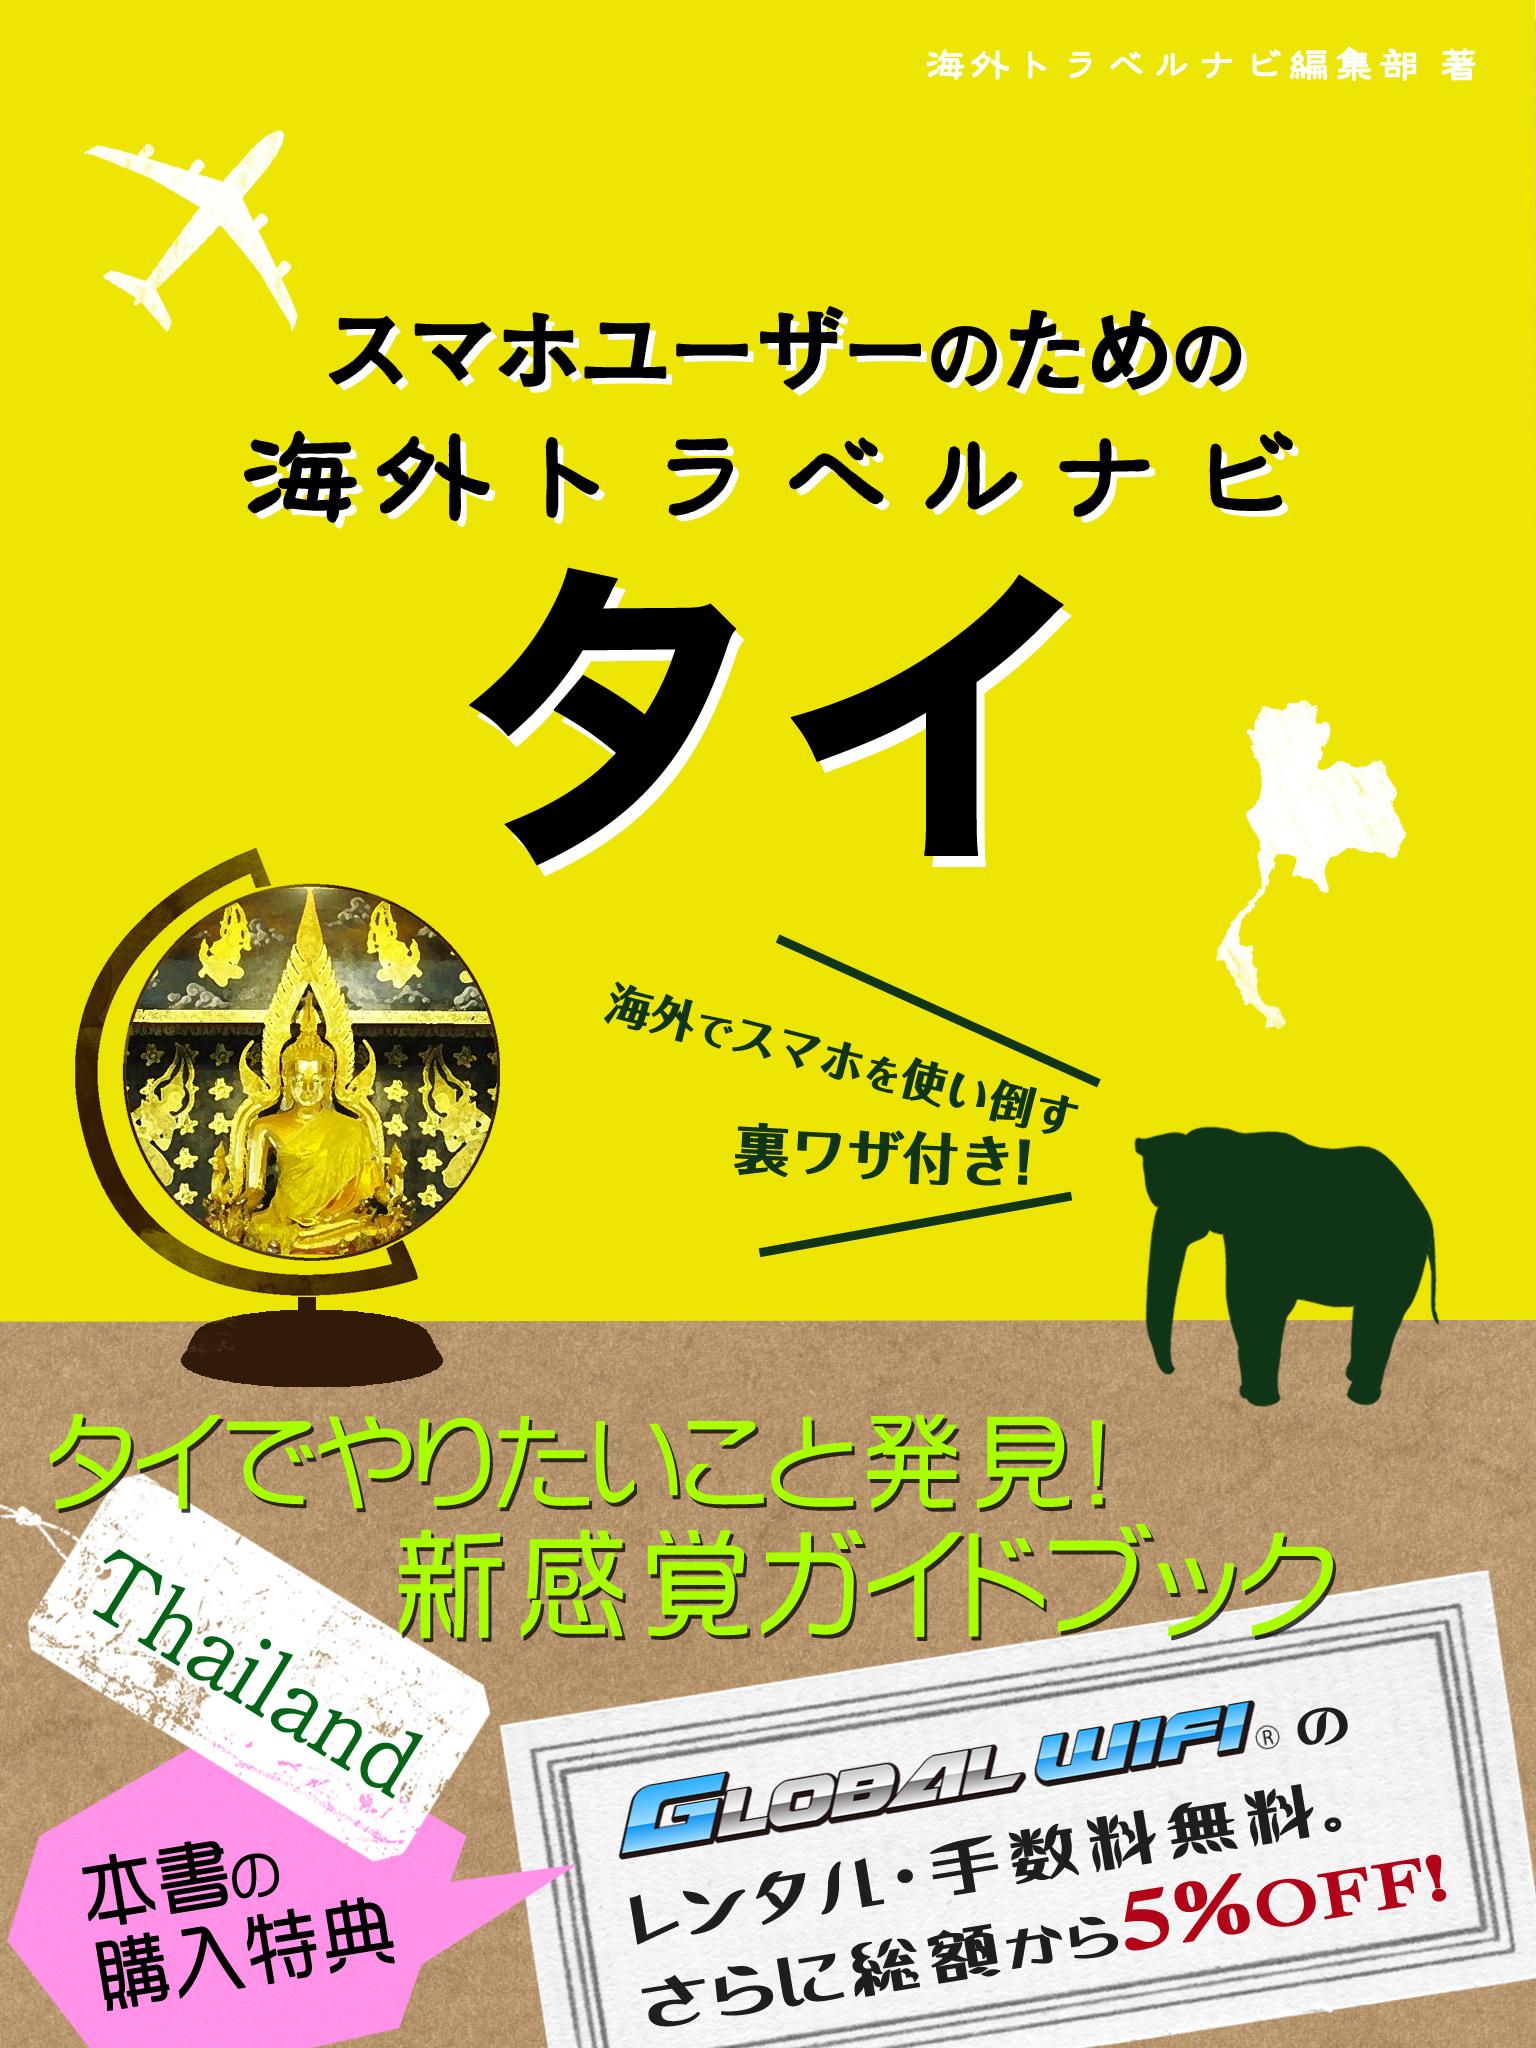 スマホユーザーのための海外トラベルナビ タイ